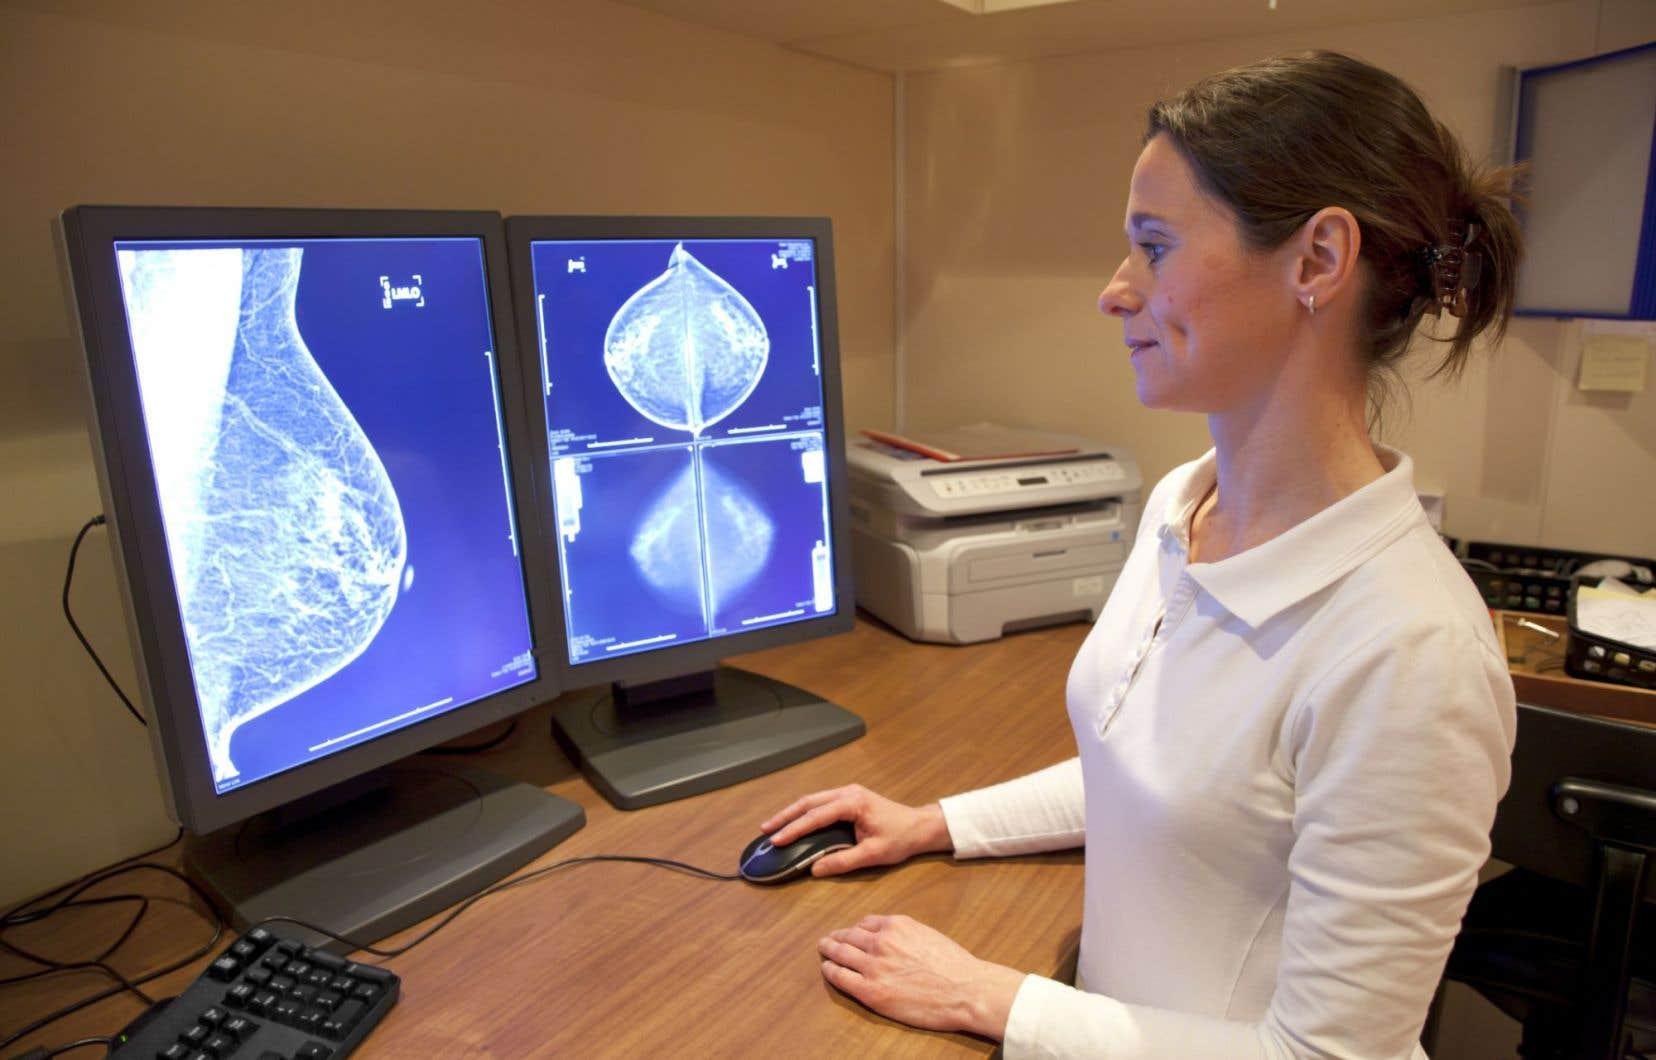 Afin que les femmes comprennent mieux l'enjeu du surdiagnostic, le discours sur le cancer du sein devrait changer.